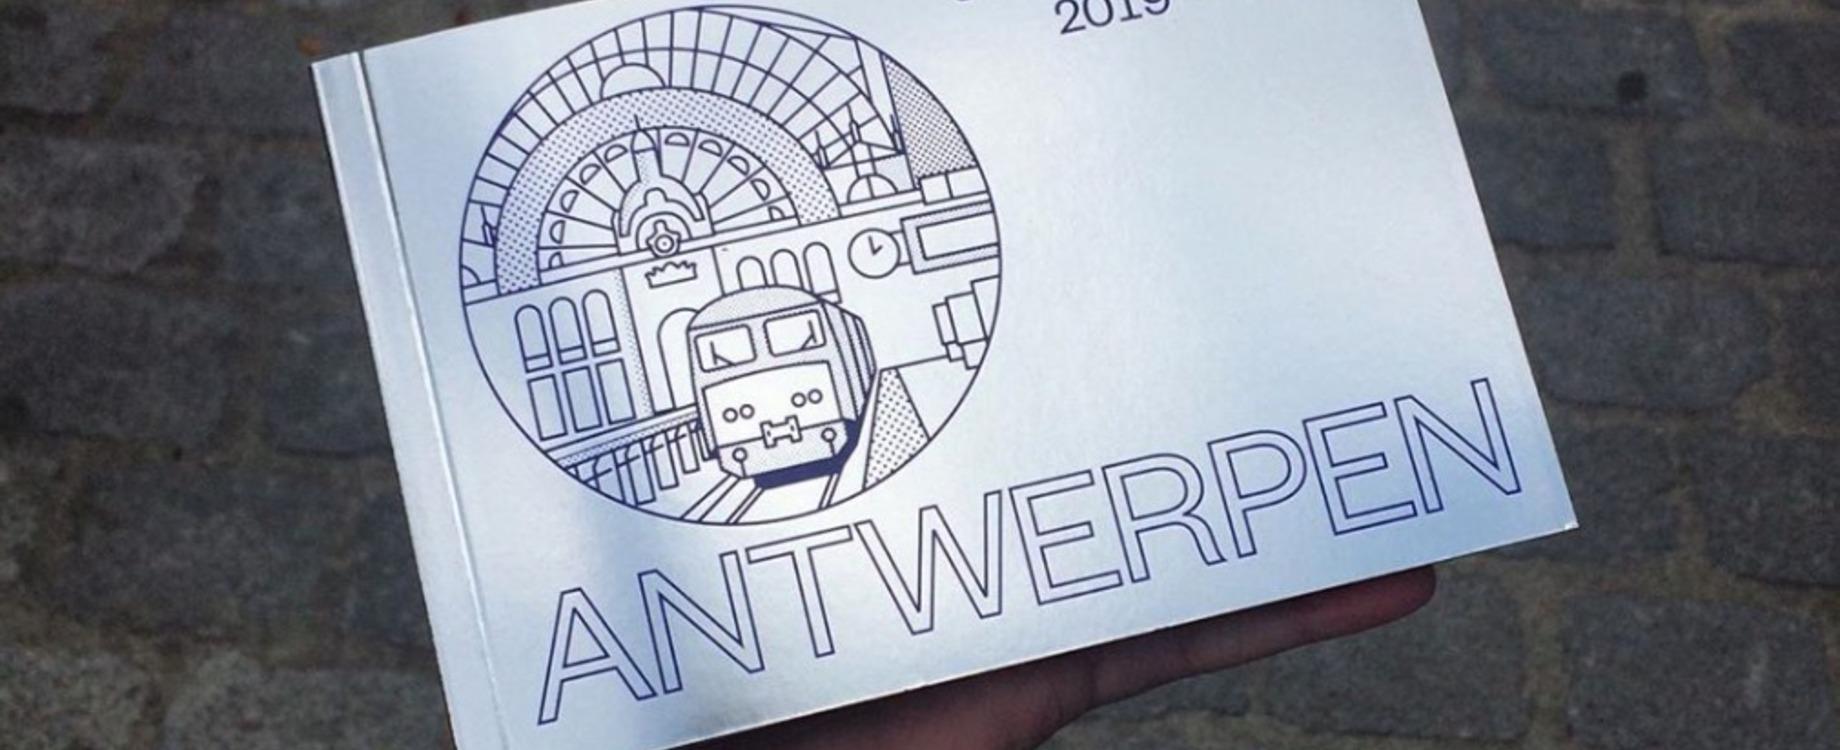 Studentengids Antwerpen